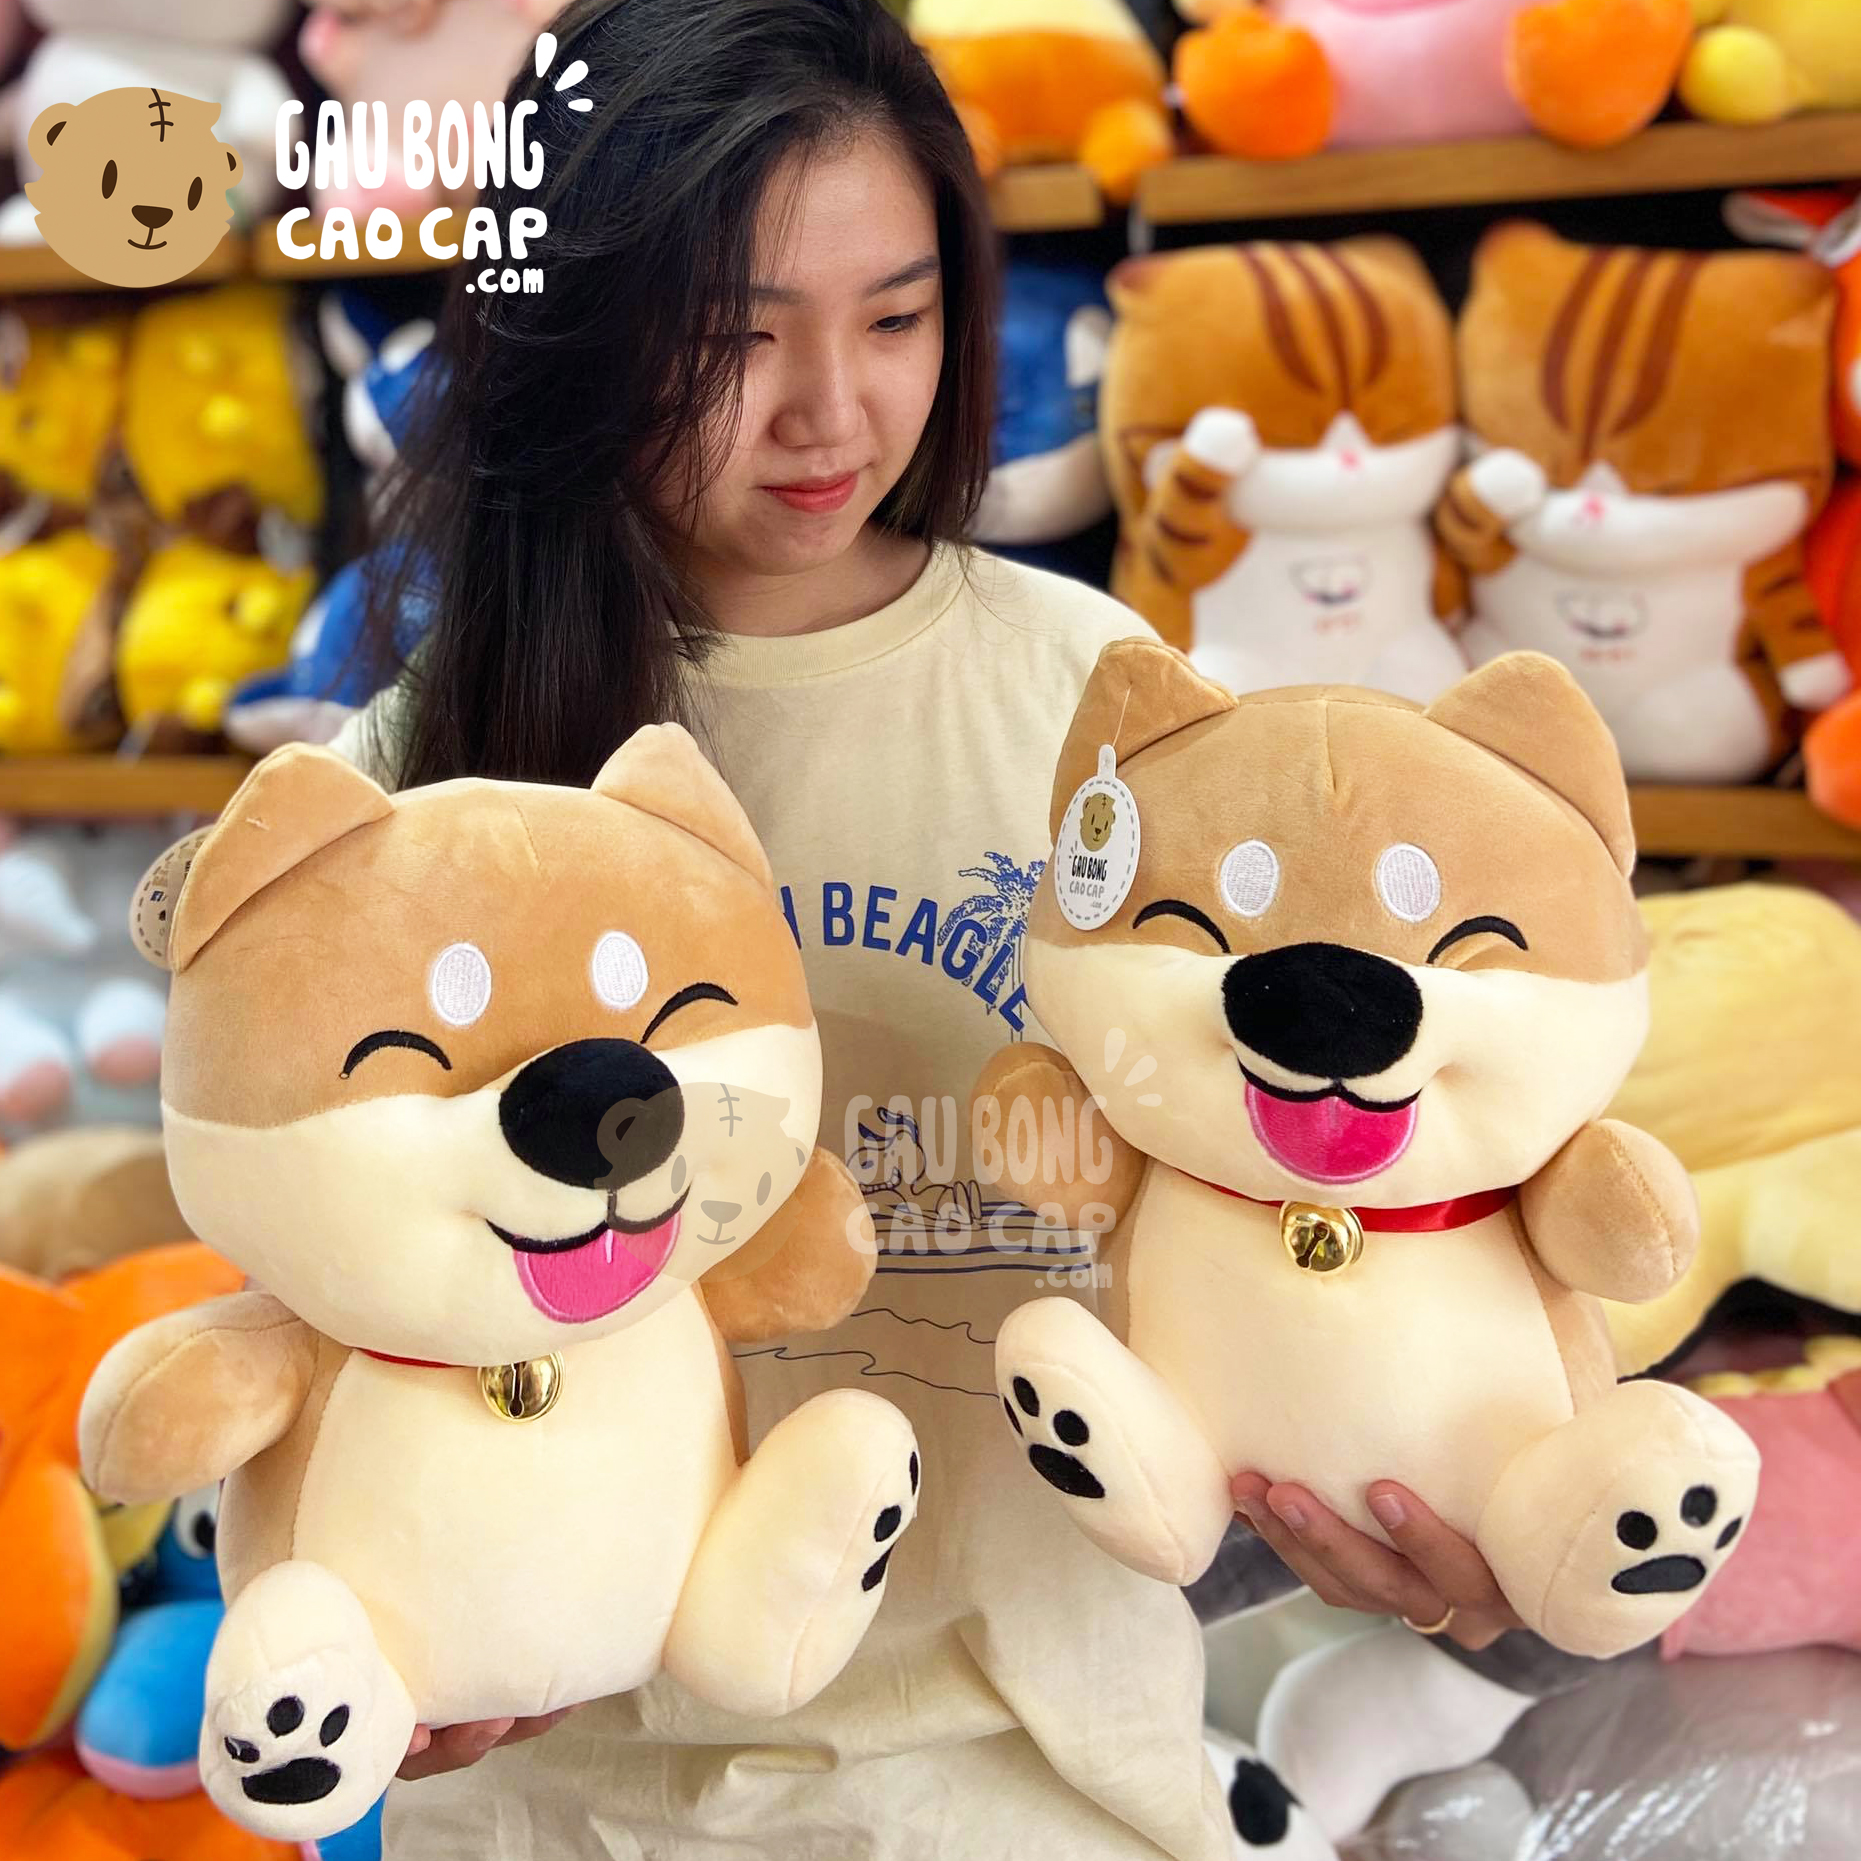 Chó Bông Shiba Baby Ngồi cười híp mắt Lè Lưỡi đeo chuông